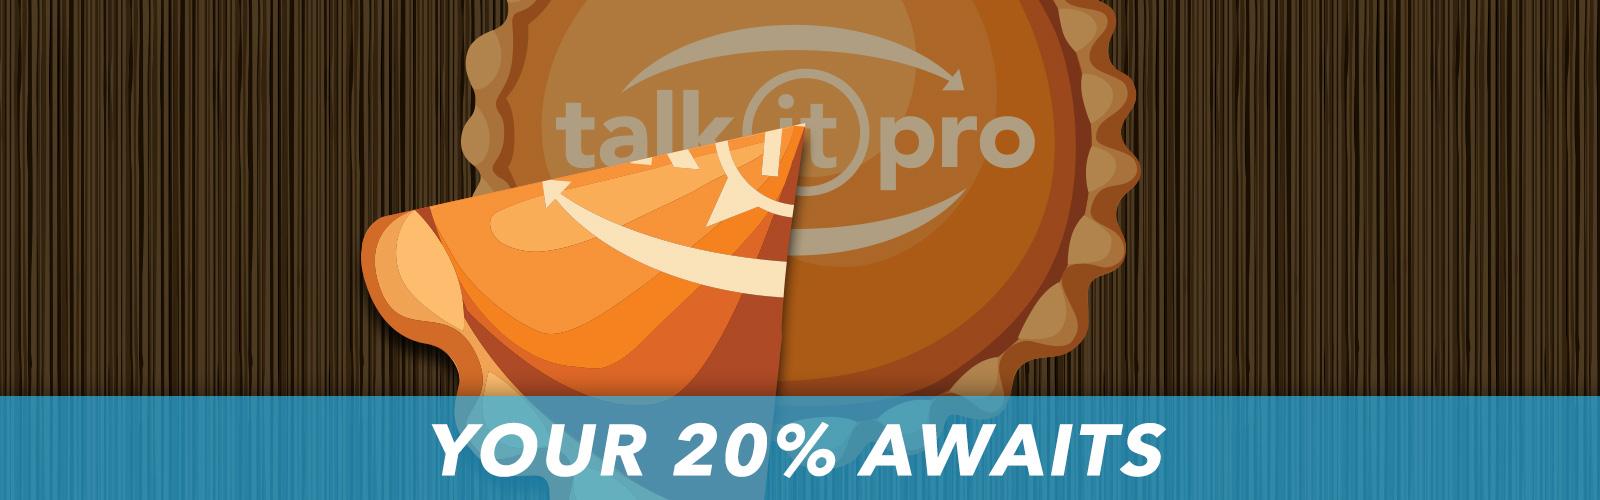 Talk It Pro Referral Partner Program